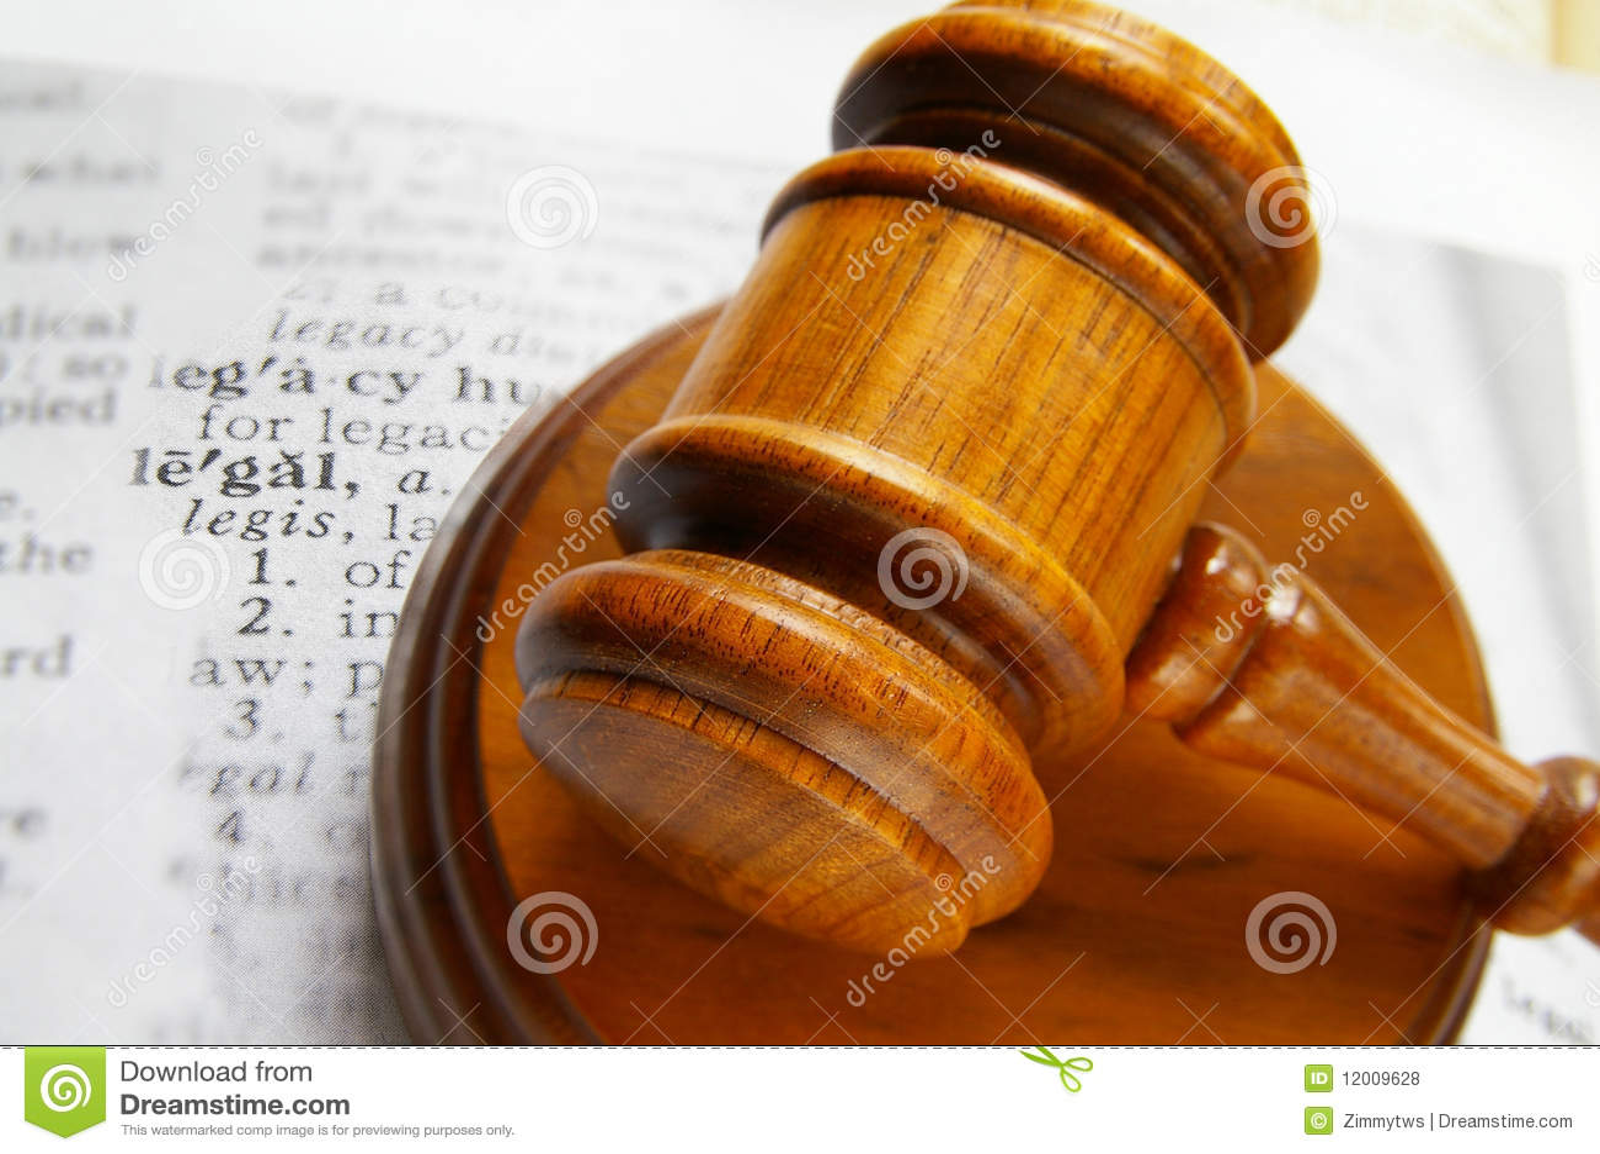 Młoteczka prawa legalna praca